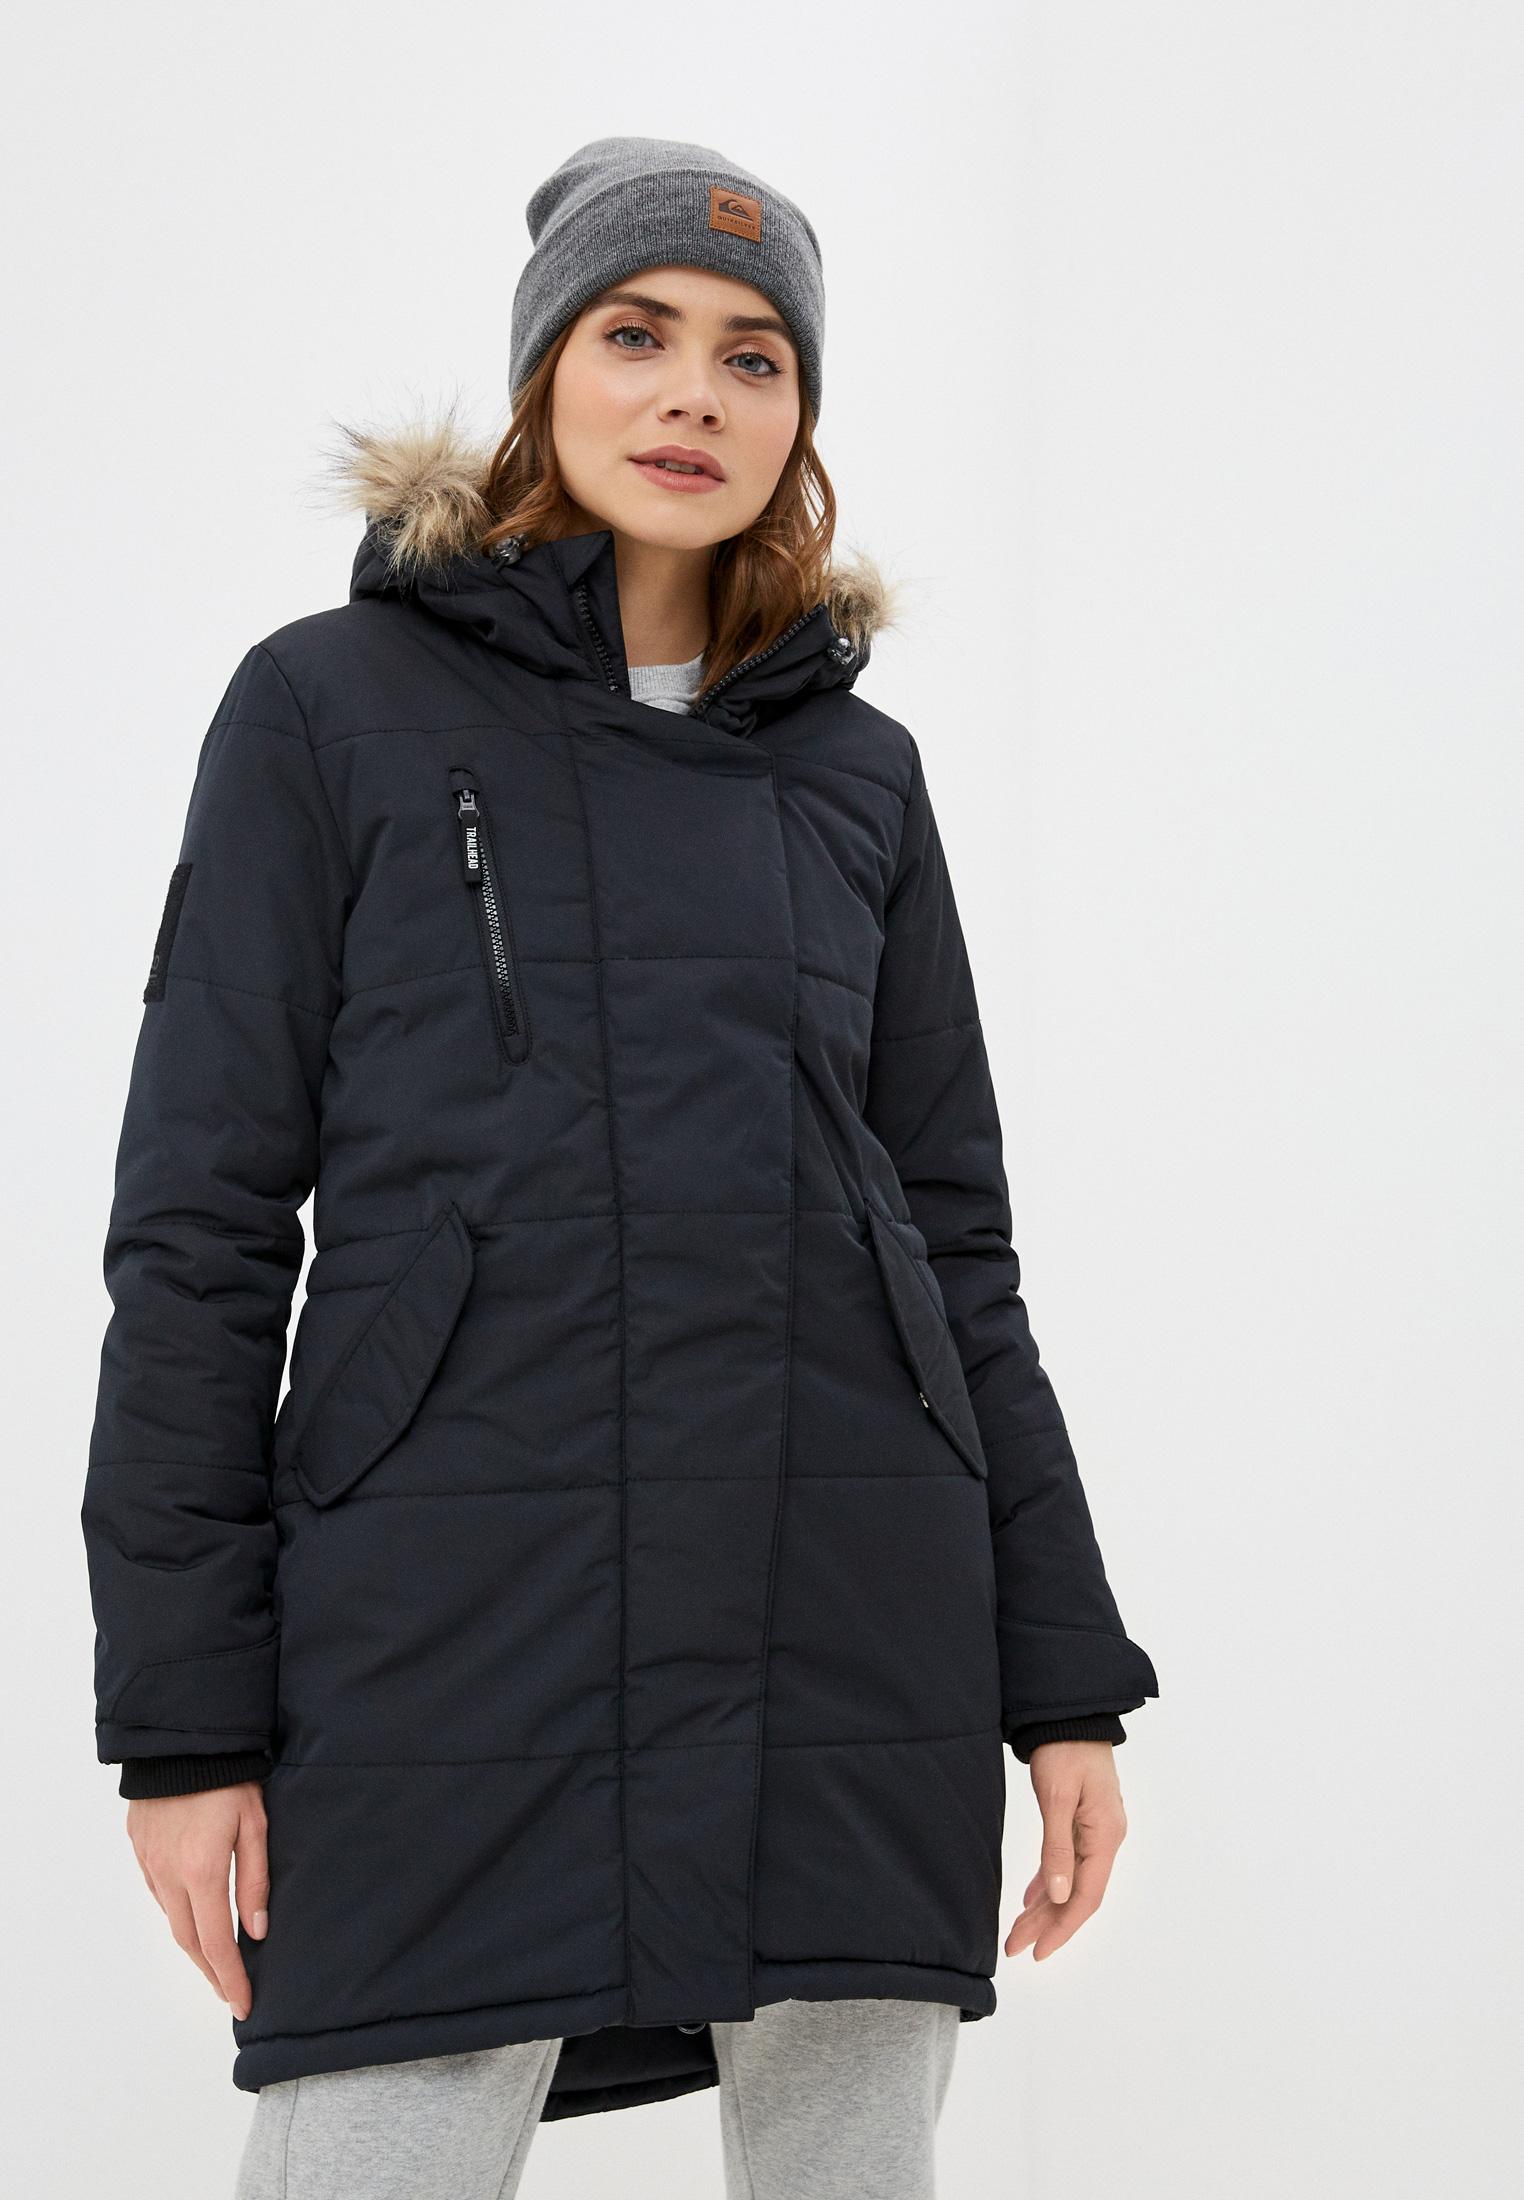 Женская верхняя одежда Trailhead WJK540